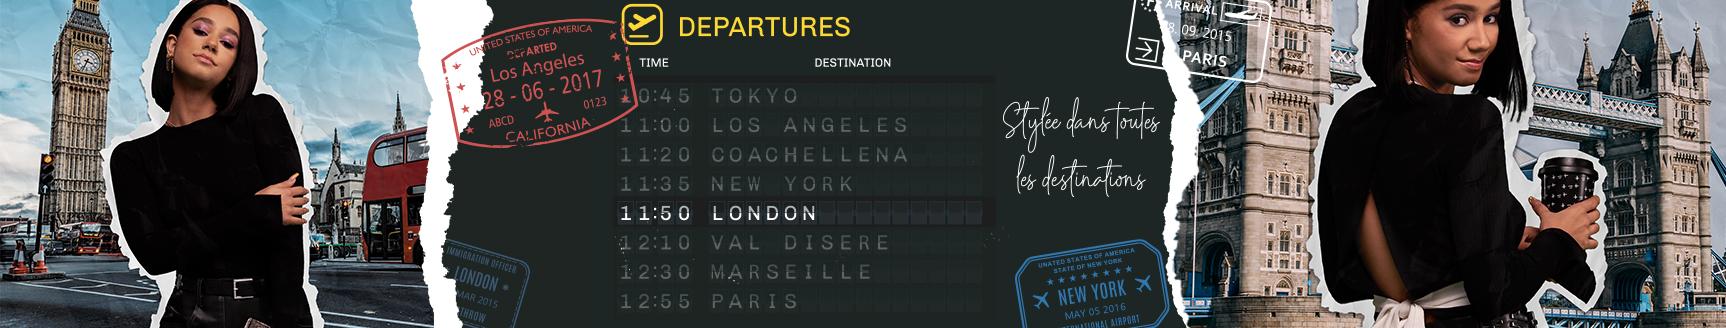 DestinationLondon